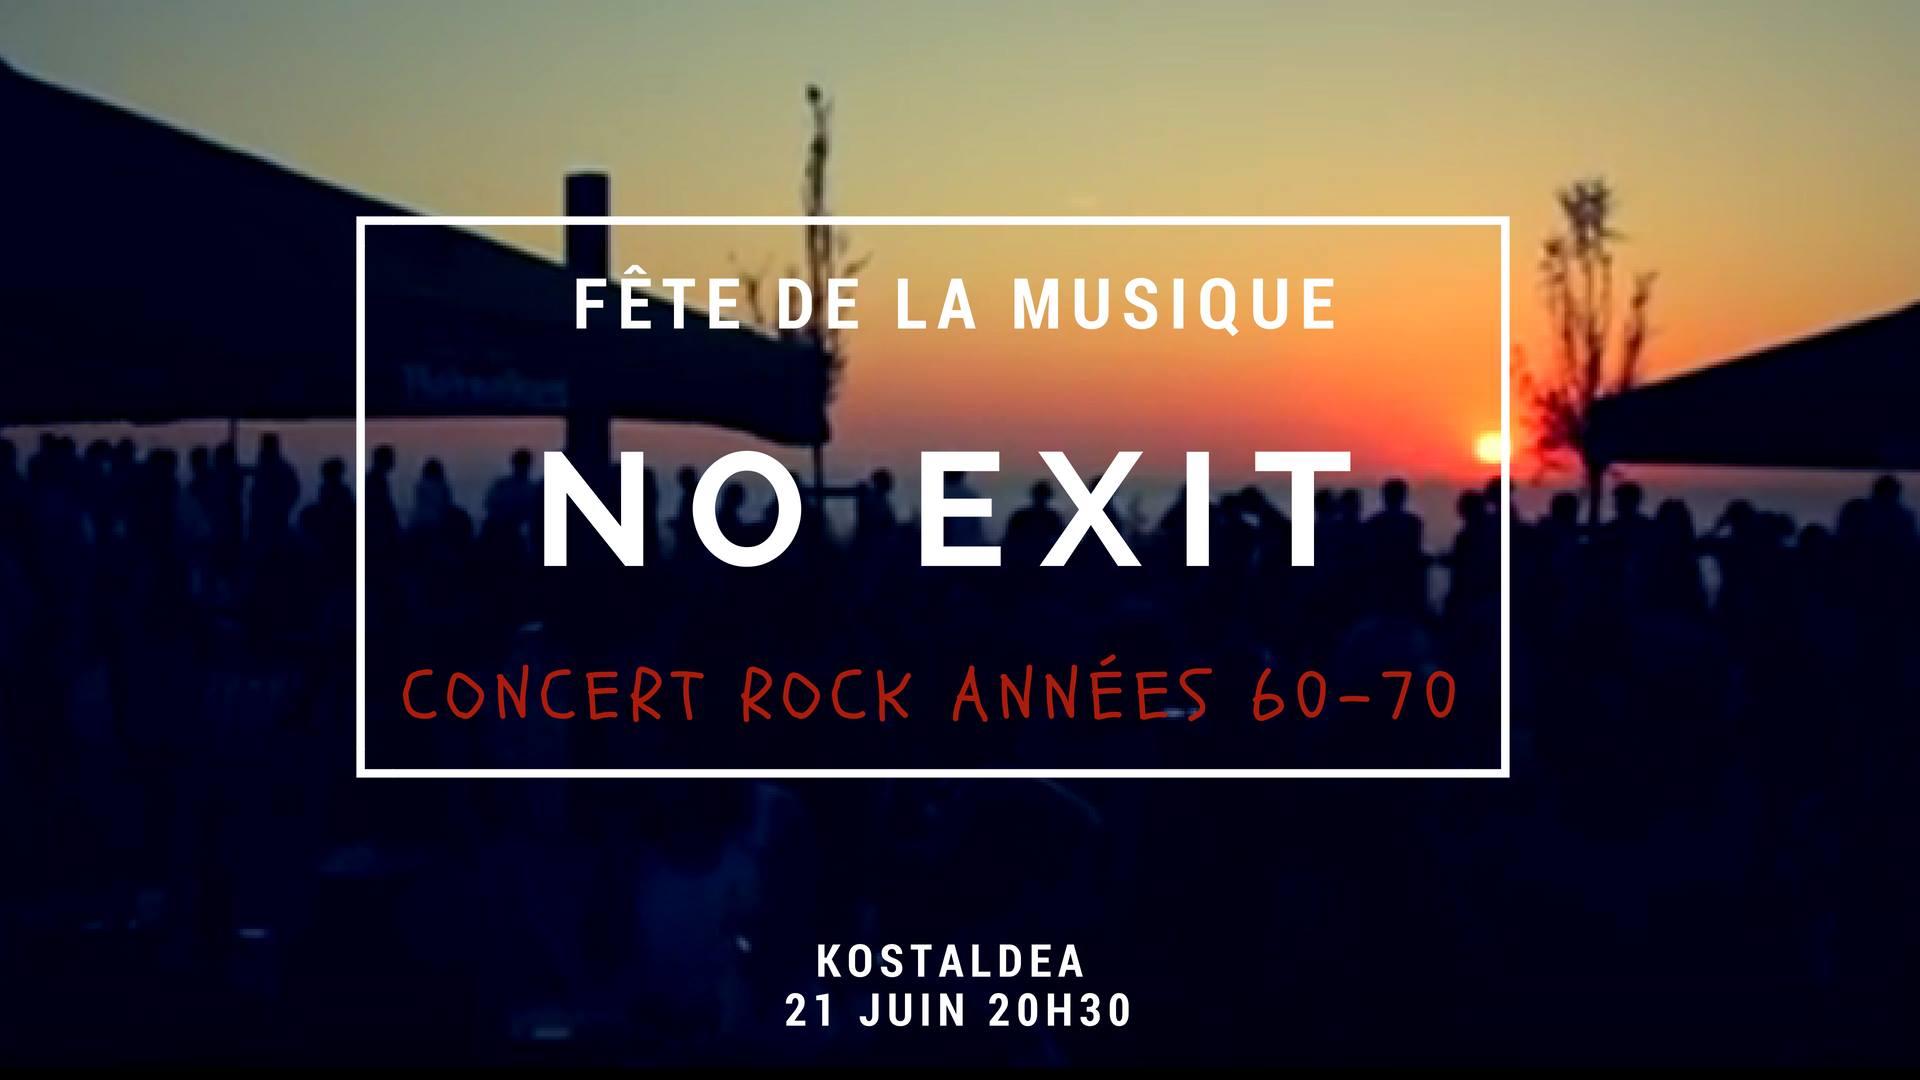 Fête de la musique anglet no exit groupe rock concert